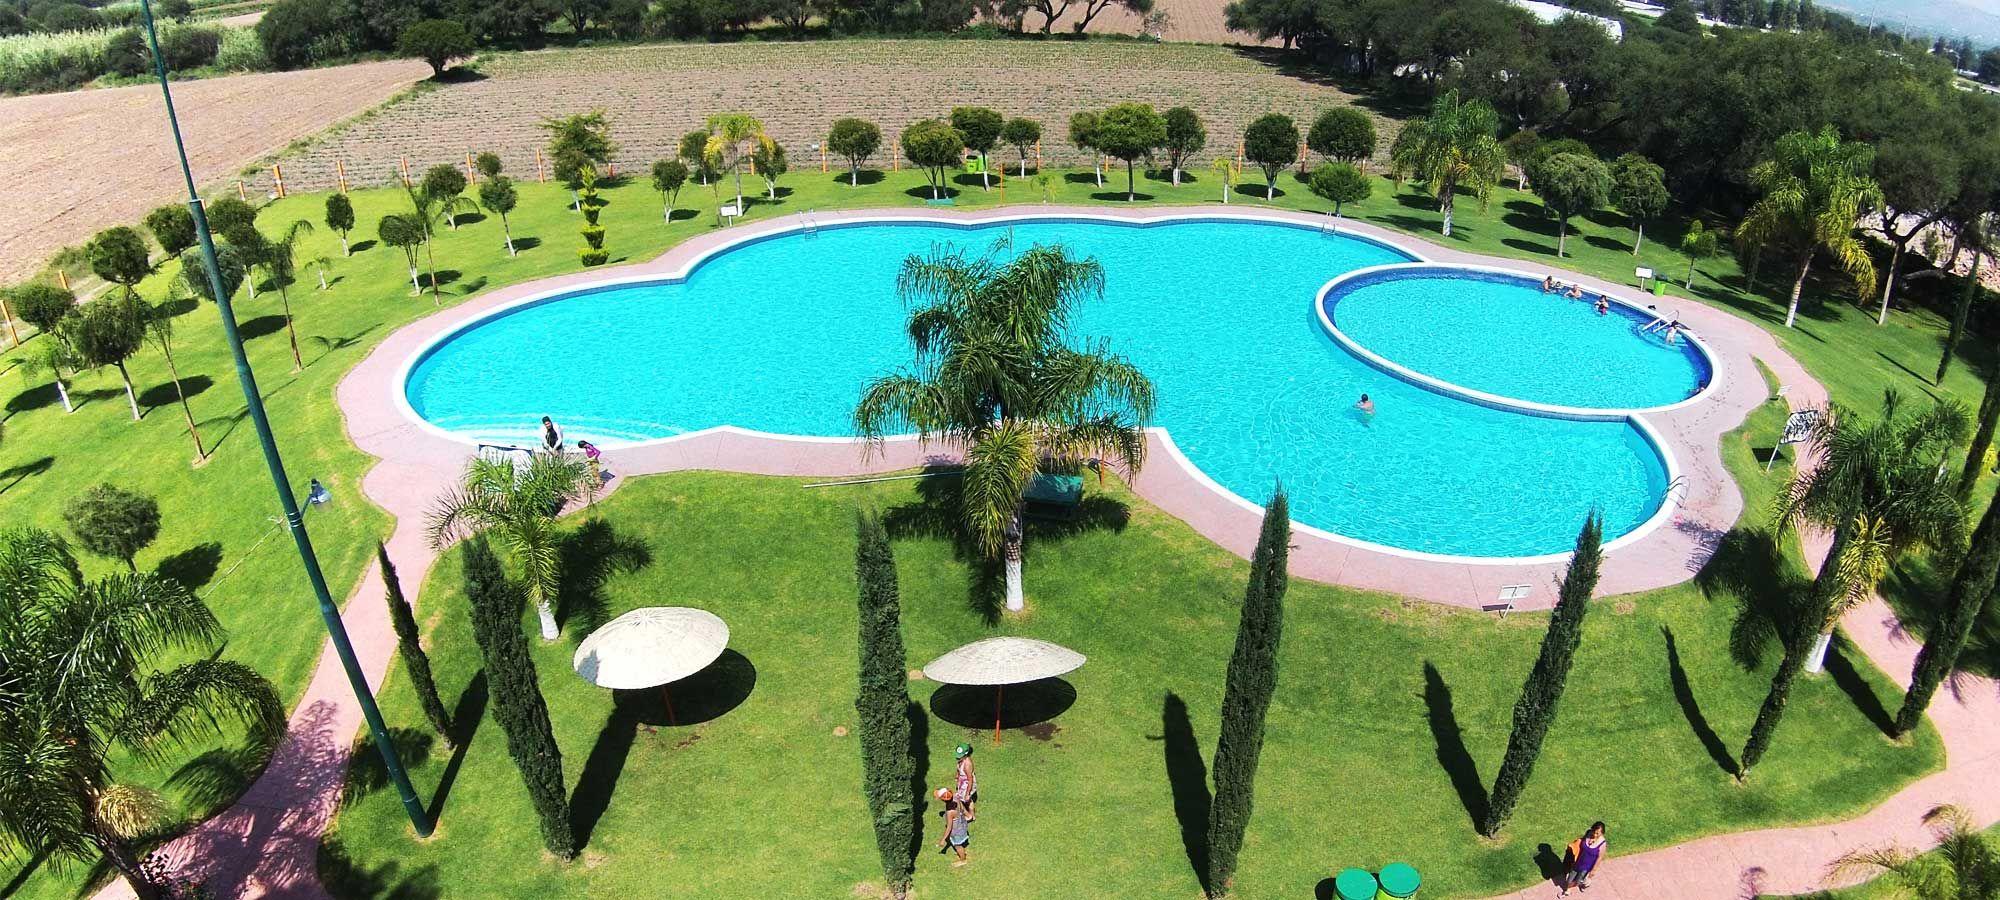 Balneario El Arenal | Aguas termales | Lugar para conocer ...